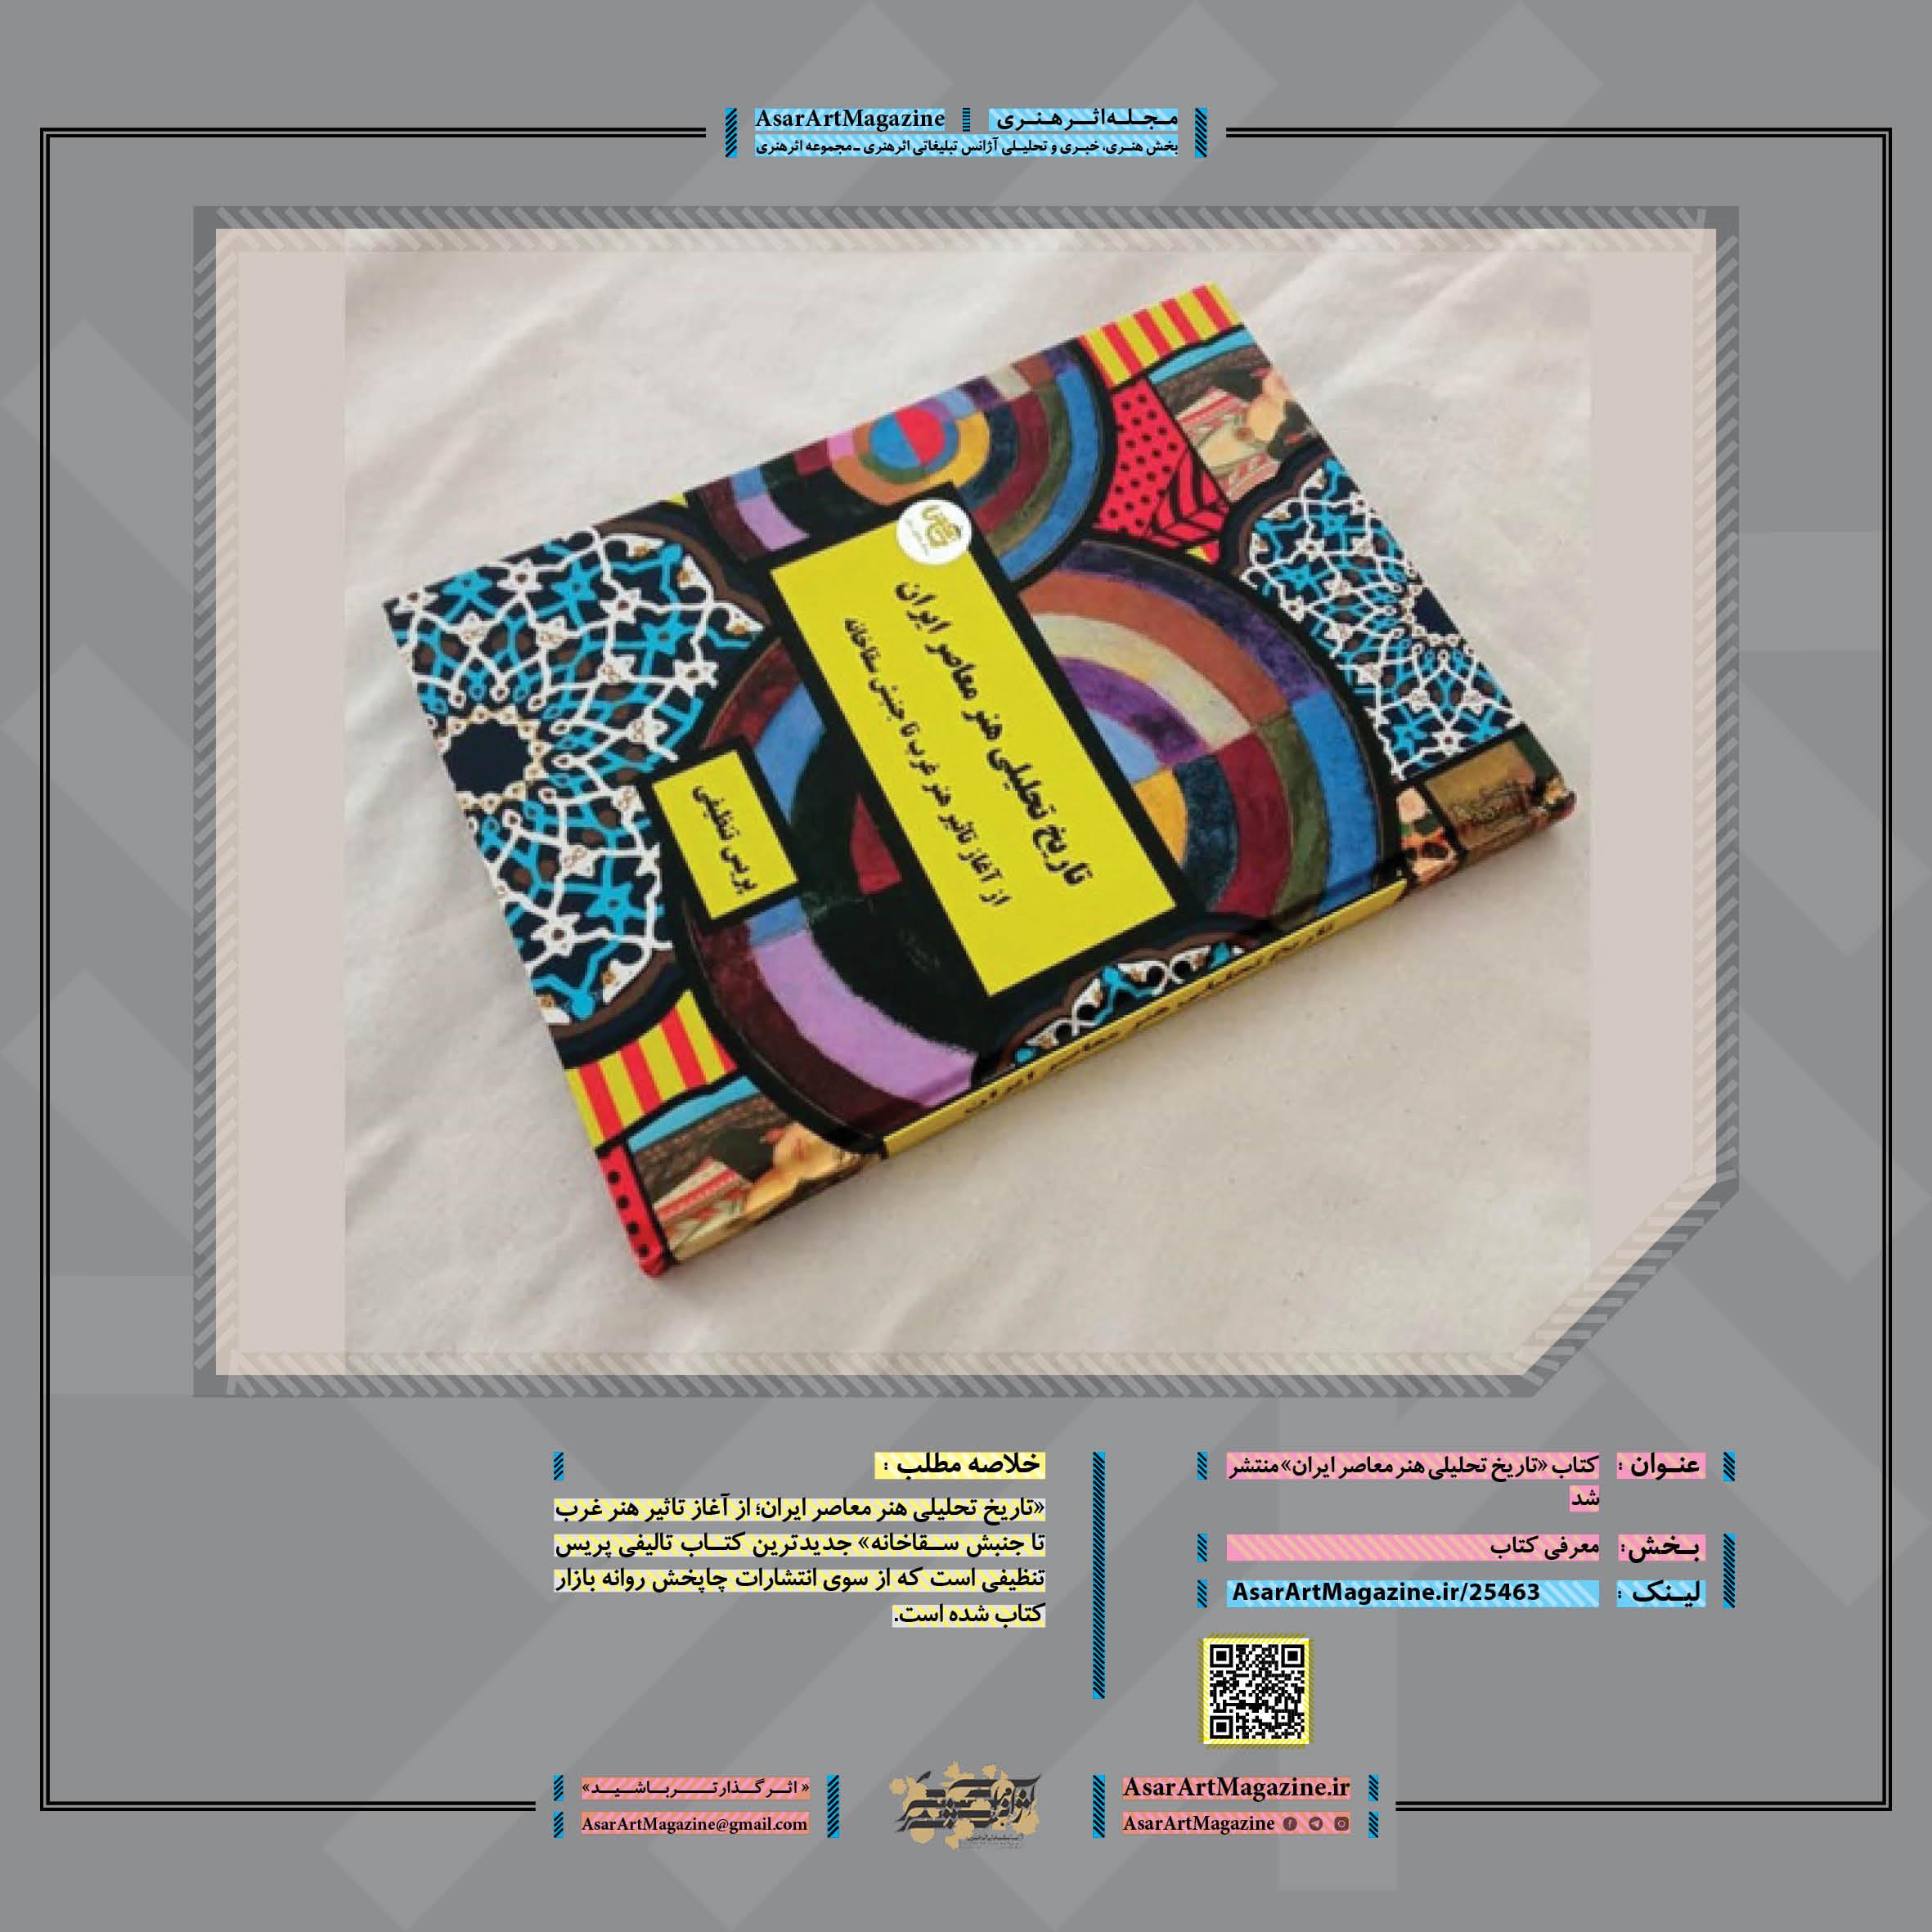 کتاب «تاریخ تحلیلی هنر معاصر ایران» منتشر شد  |  مجله اثرهنری، بخش هنری، خبری و تحلیلی مجموعه اثرهنری | مجله اثر هنری  ـ «اثرگذارتر باشید»